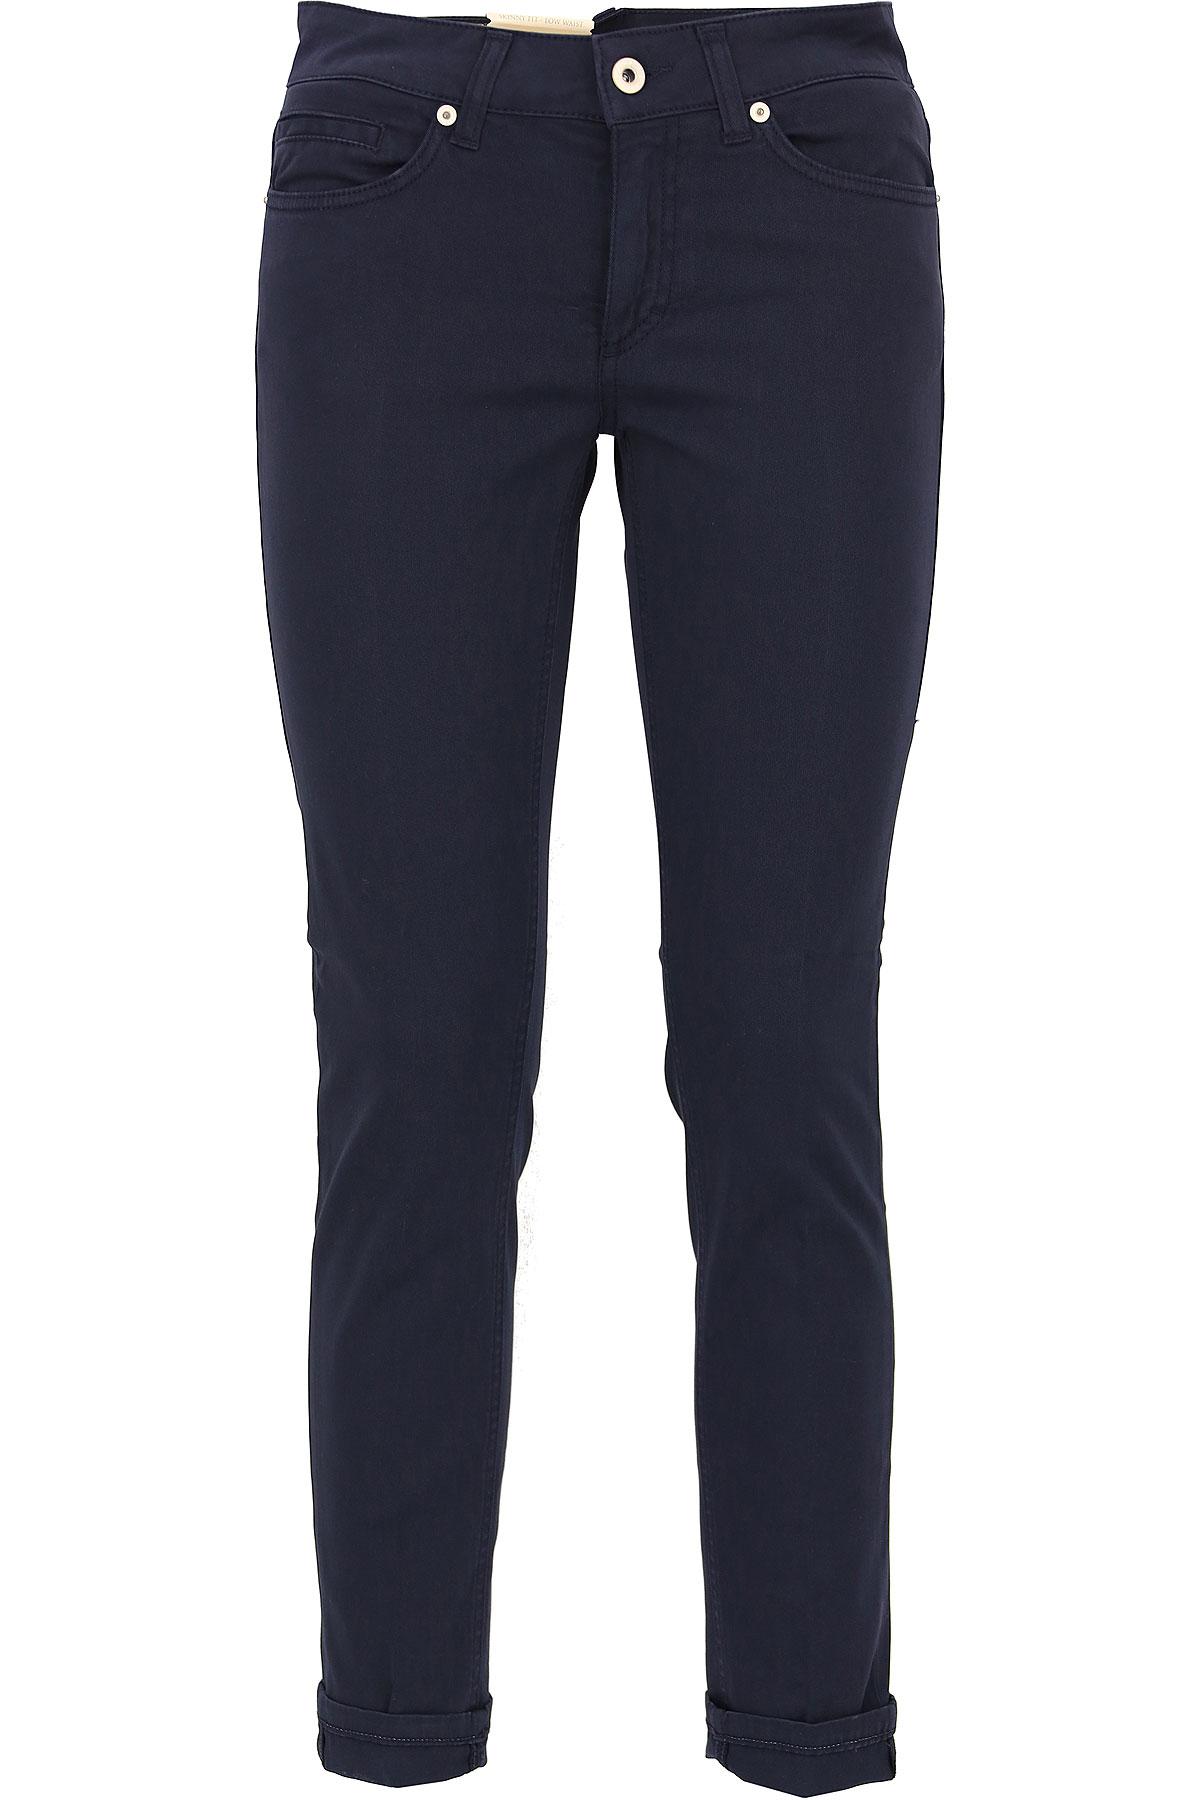 Dondup Jeans On Sale, Dark Blue, Cotton, 2017, 25 26